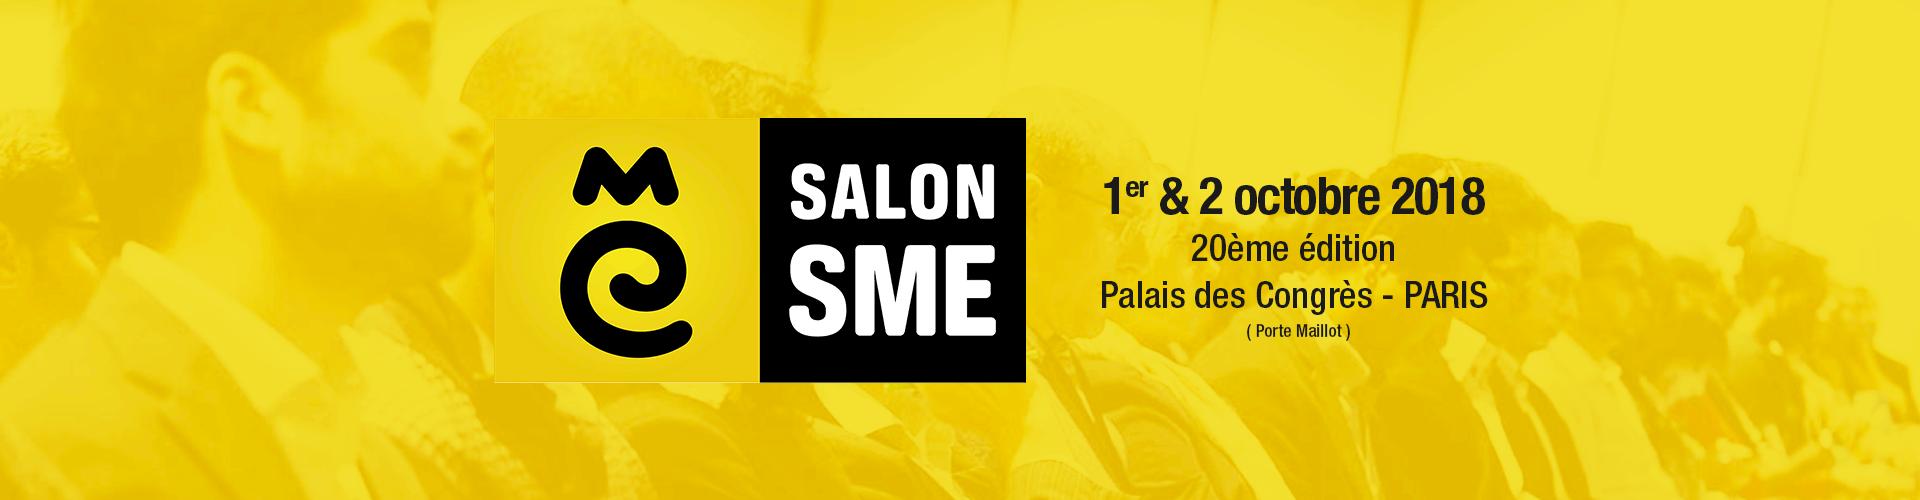 Dunod, partenaire du salon SME 2018